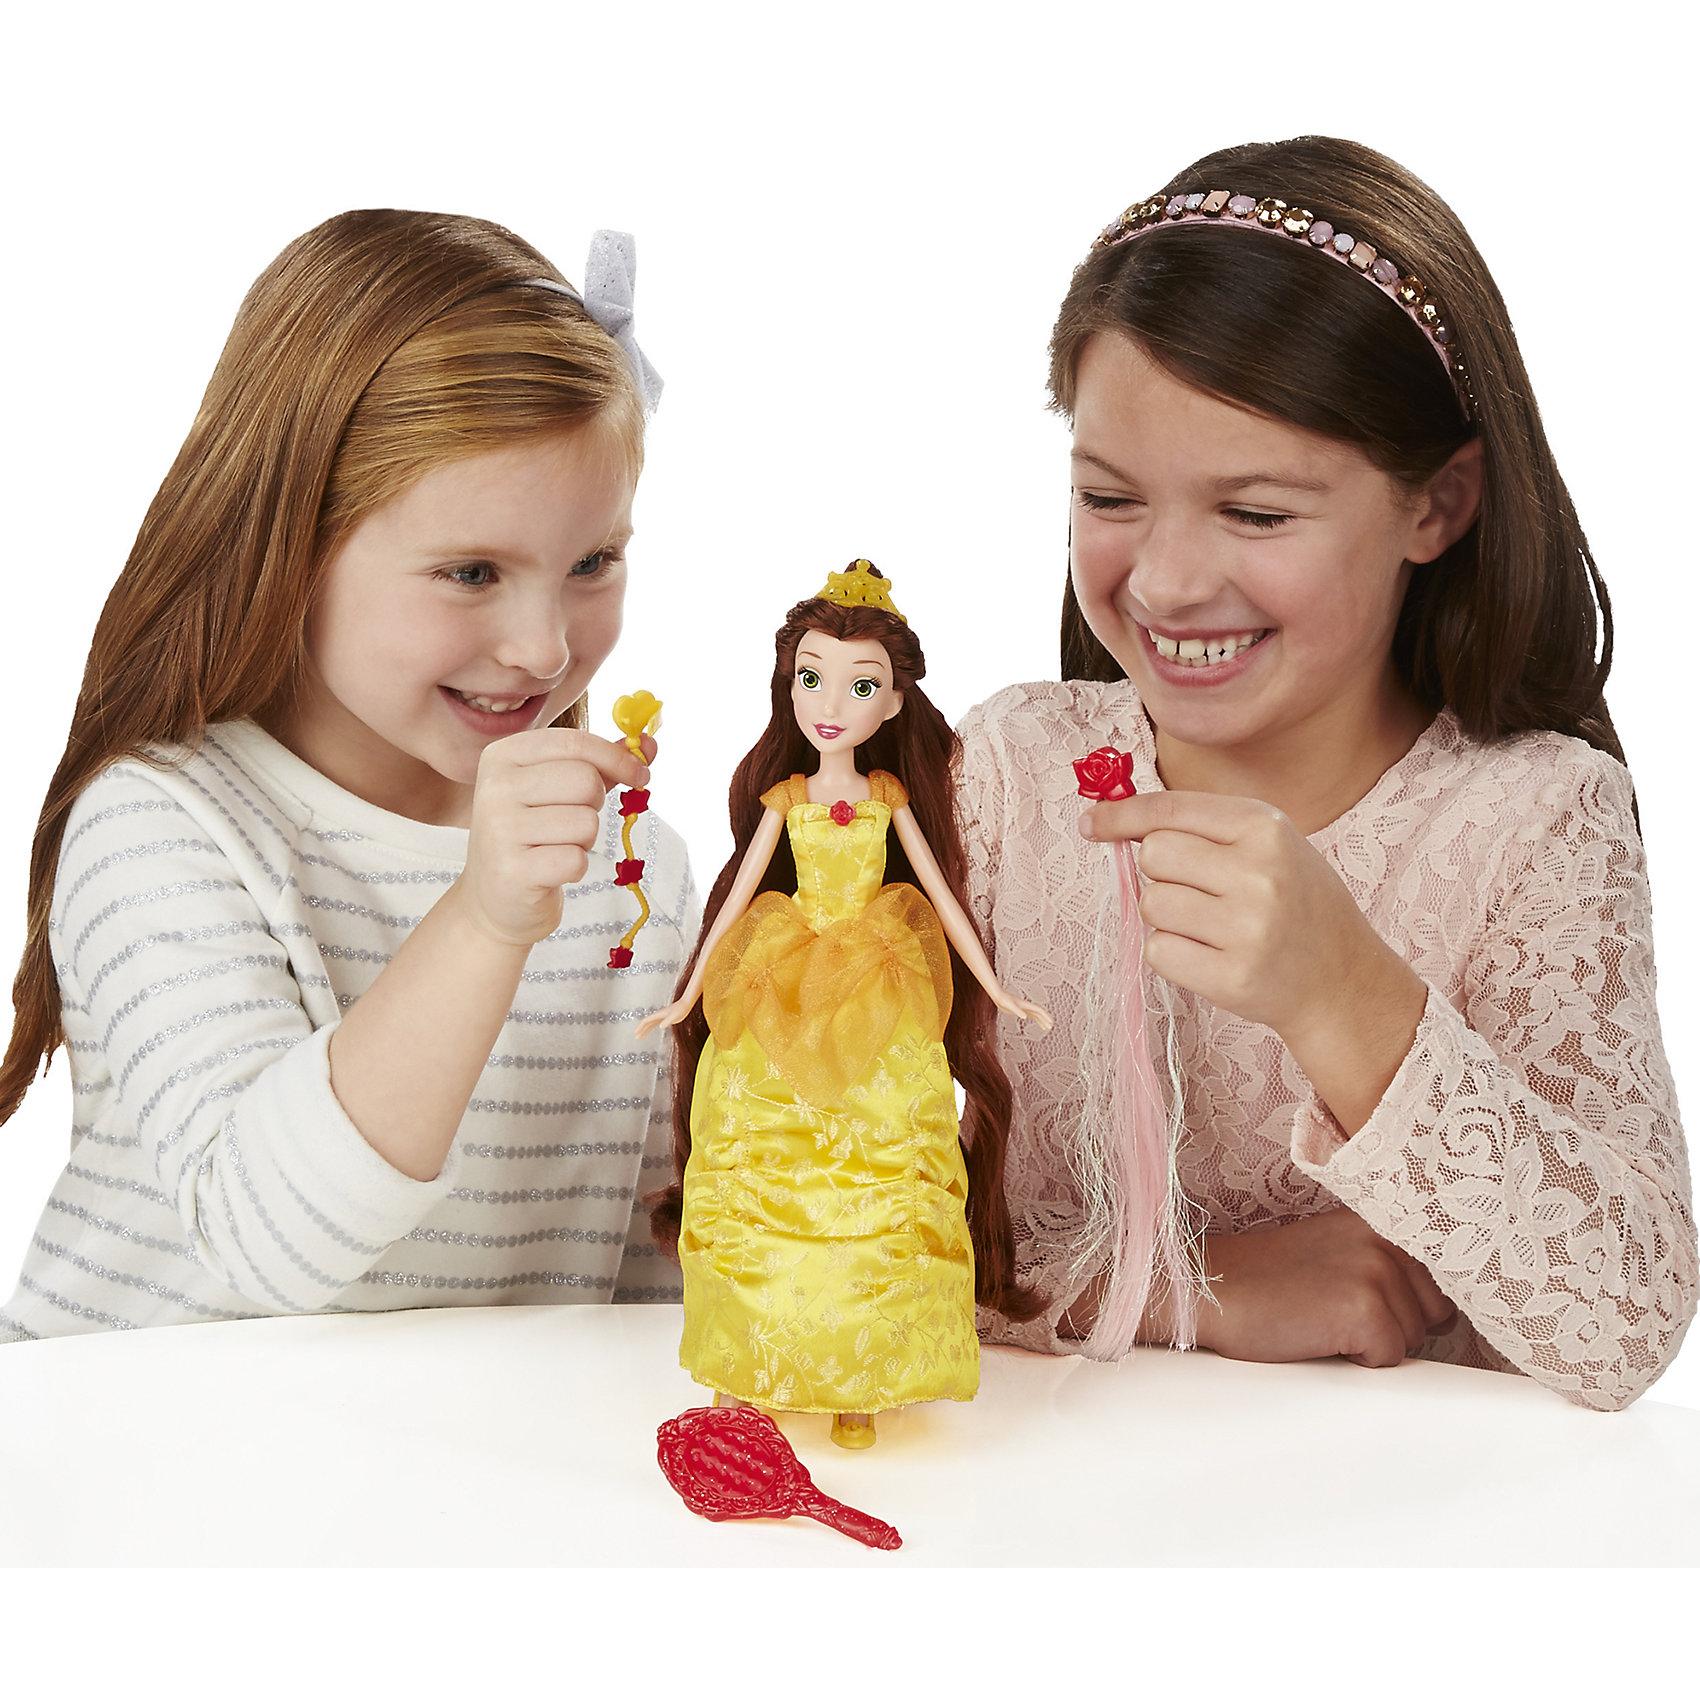 Базовая кукла Принцесса Белль в с длинными волосами, c аксессуарами, B5292/B5293Игрушки<br>Базовая кукла Принцесса в с длинными волосами, c аксессуарами, B5292/B5293.<br><br>Характеристики:<br><br>- В наборе: кукла, тиара, дополнительные пряди волос, заколки для волос, расческа, на обороте которой находится зеркальце<br>- Материал: высококачественный пластик, текстиль<br>- Размер упаковки: 16,5х6,4х35,6 см.<br><br>Очаровательная кукла от торговой марки Hasbro (Хасбро) станет любимой игрушкой вашей маленькой принцессы. Кукла изготовлена из прочного пластика, а ее одежда пошита из высококачественного текстиля. Она выполнена в виде Белль, героини мультфильма Красавица и чудовище. Кукла имеет высокую степень детализации, качественно прорисованы даже самые мелкие детали. Белль одета в красивое бальное платье солнечного цвета, низ которого украшен красивыми цветочными узорами белоснежного цвета. На голове принцессы – тиара. На ногах – изящные желтые туфельки. Локоны принцессы можно расчесывать и создавать красивые прически. Для этого в комплект входят различные аксессуары - расческа, цветные пряди волос и заколки. Кукла может двигать руками, ногами, а также вращать головой. С замечательной куклой ваша малышка окунется в сказочный мир, и будет придумывать увлекательные истории про любимую героиню.<br><br>Базовую куклу Принцесса в с длинными волосами, c аксессуарами, B5292/B5293 можно купить в нашем интернет-магазине.<br><br>Ширина мм: 327<br>Глубина мм: 164<br>Высота мм: 1600<br>Вес г: 210<br>Возраст от месяцев: 36<br>Возраст до месяцев: 72<br>Пол: Женский<br>Возраст: Детский<br>SKU: 5064697